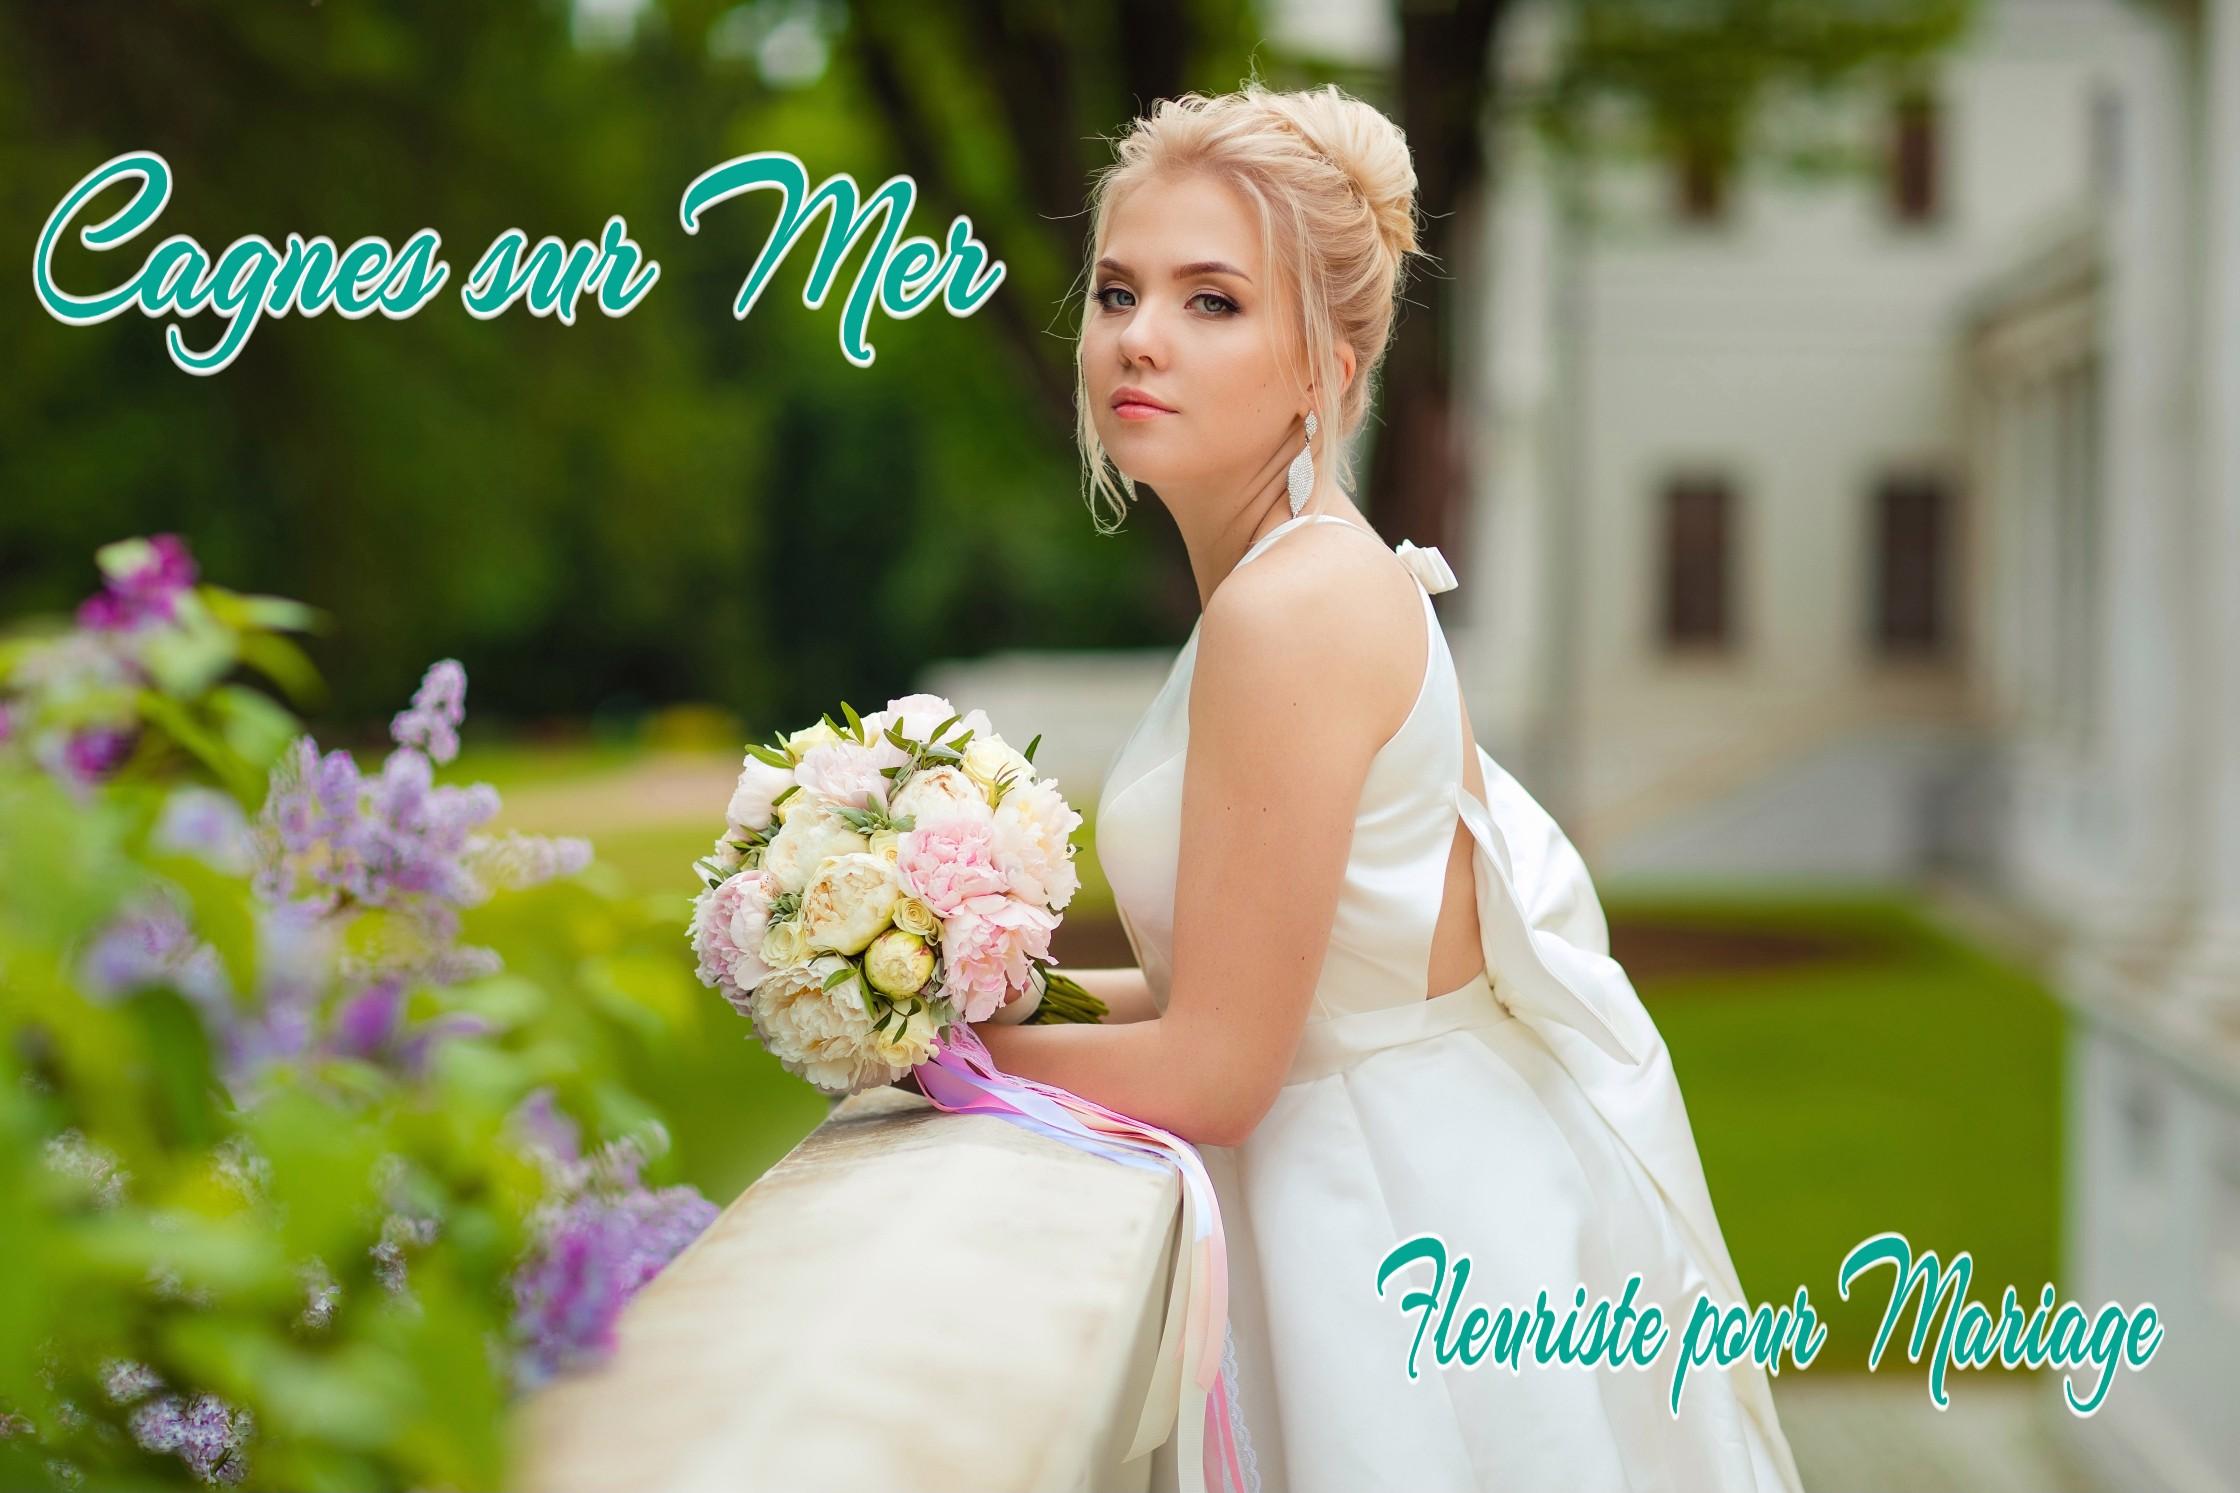 FLEURISTE MARIAGE CAGNES SUR MER - fleurs mariage CAGNES SUR MER - WEDDING PLANNER CAGNES SUR MER - TRAITEUR CAGNES SUR MER